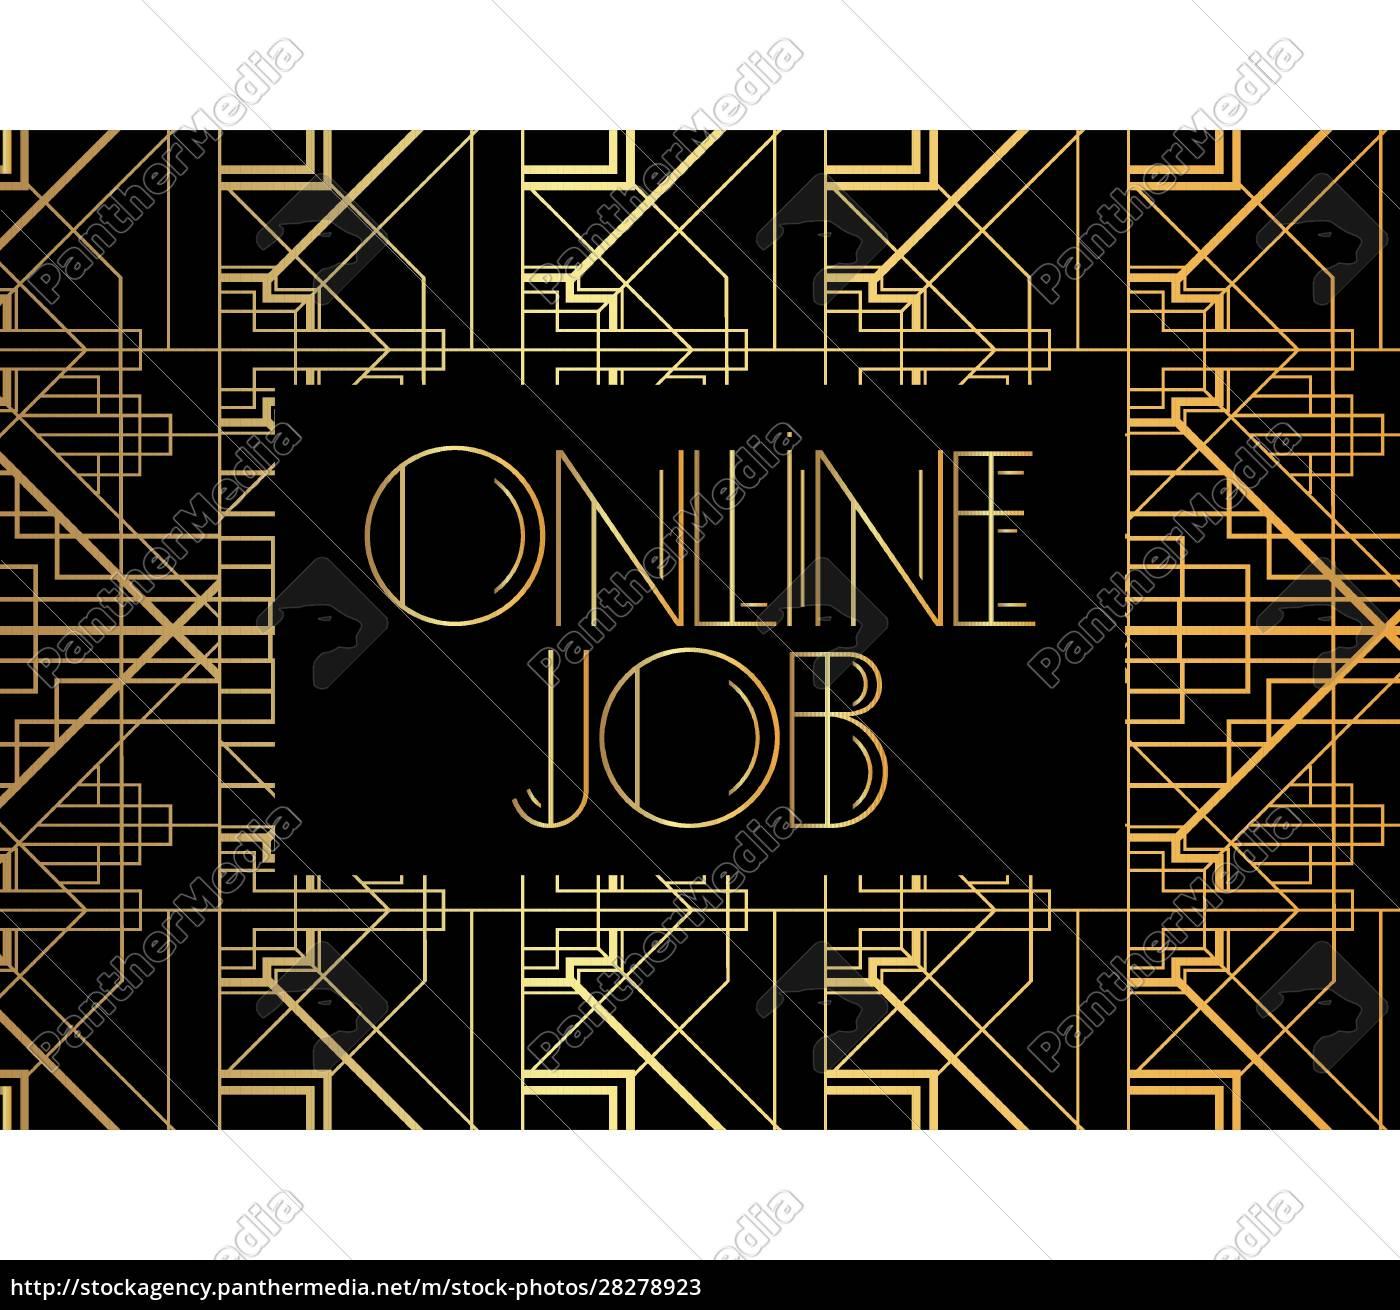 art, deco, online, job, text. - 28278923